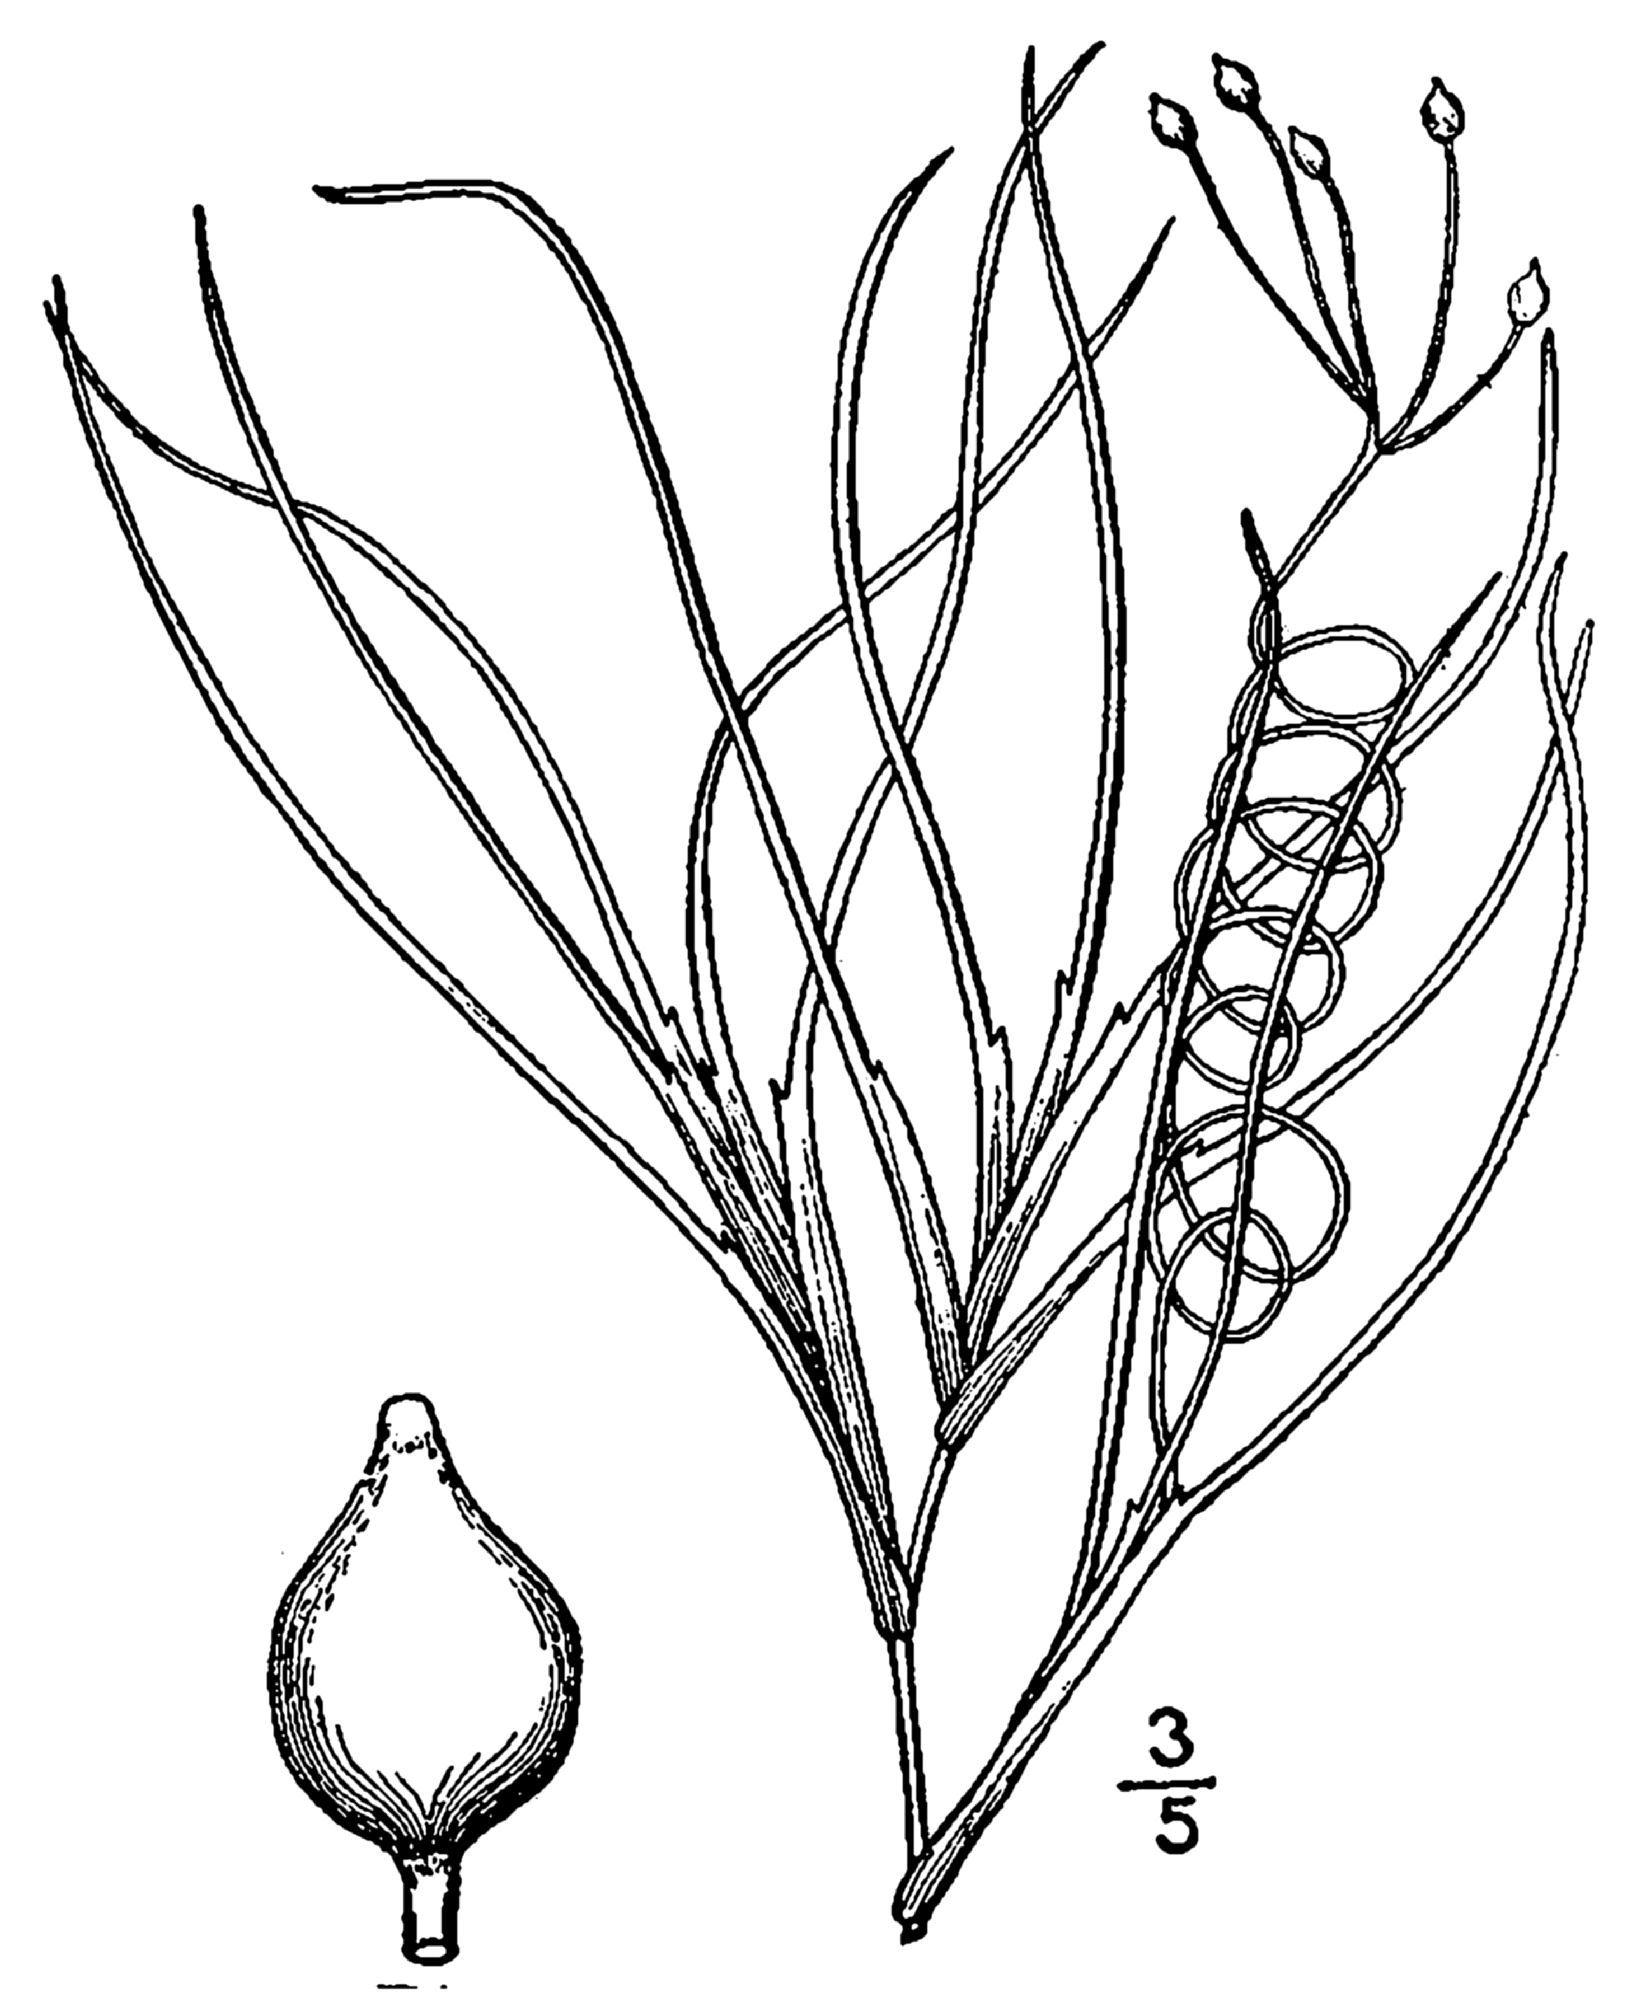 Image of spiral ditchgrass